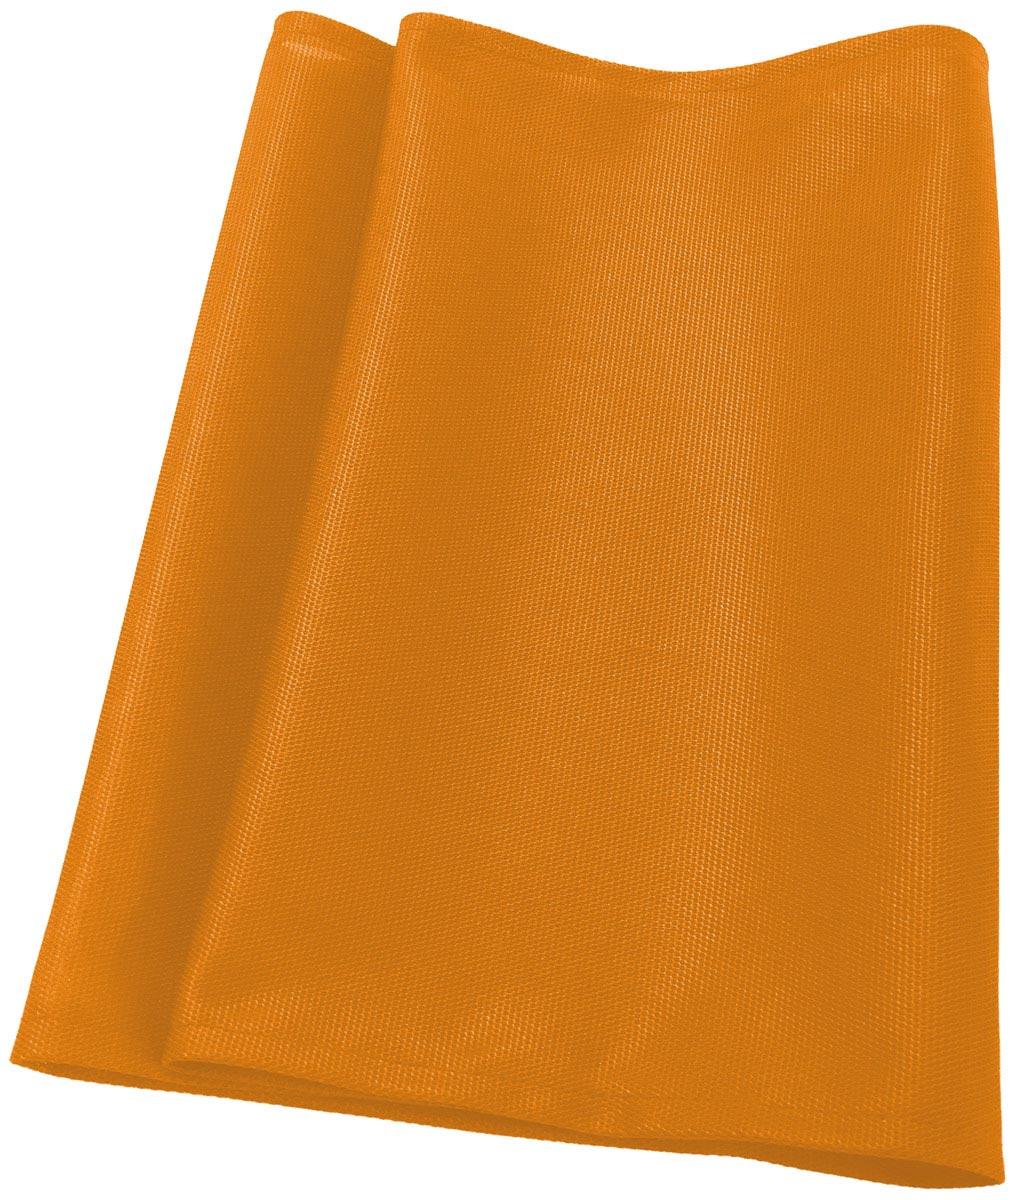 Filterüberzug IDEAL AP30/40 - Orange